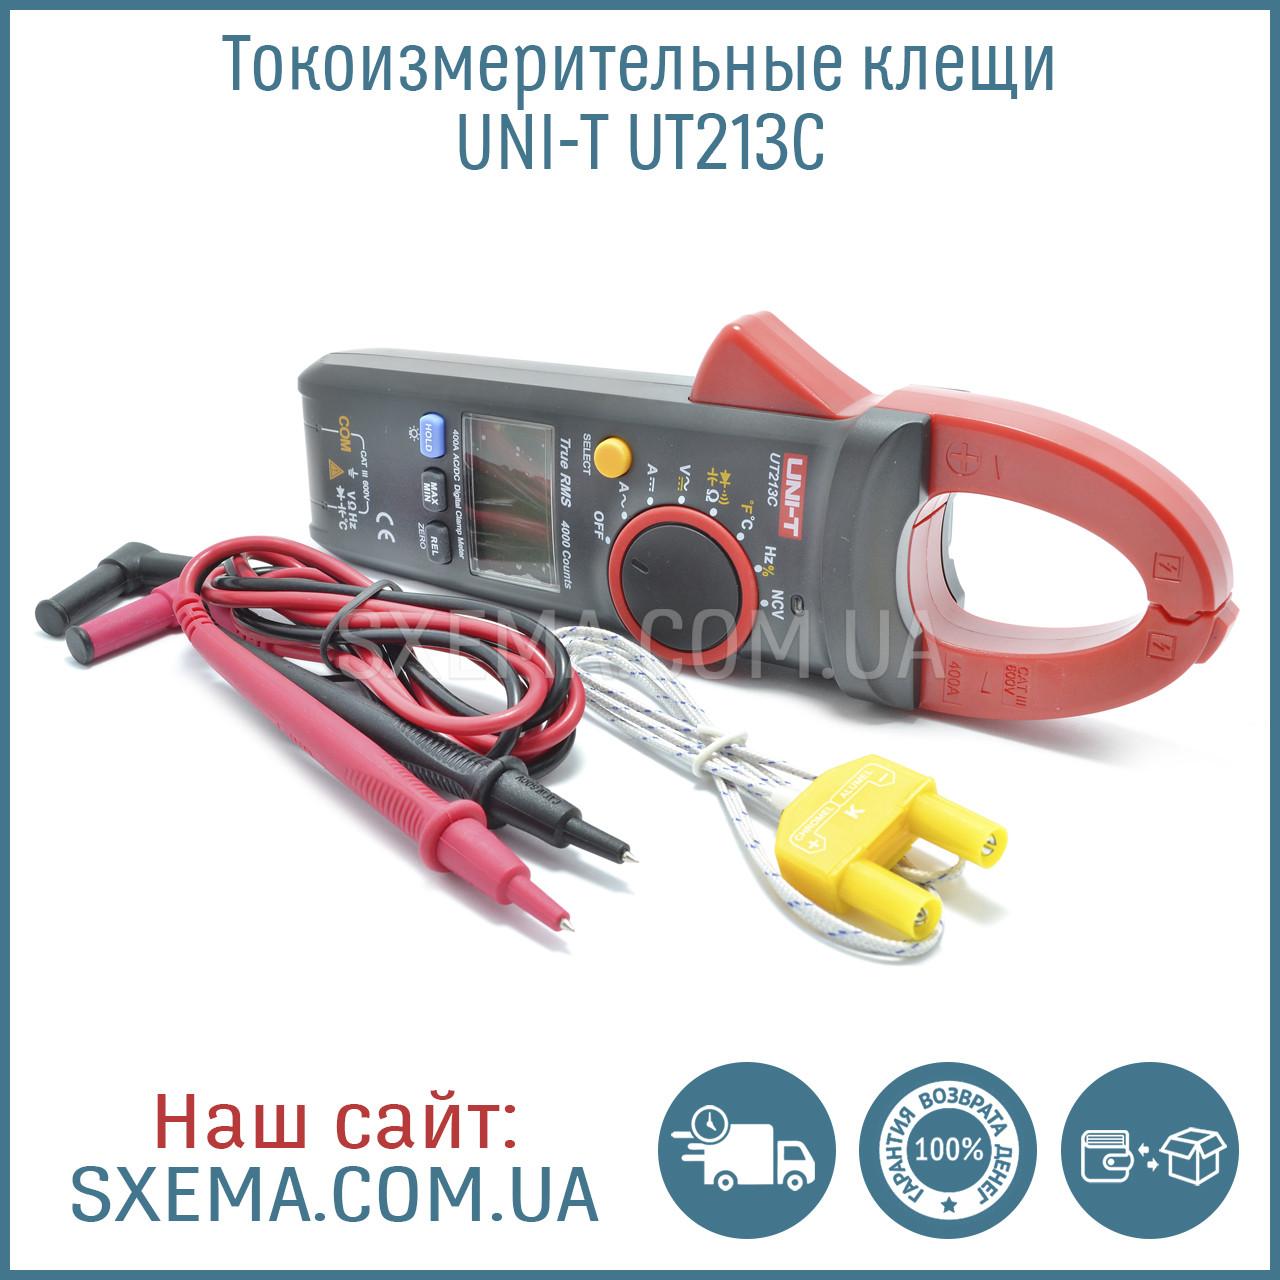 Токоизмерительные клещи Uni-T UT-213С измеряют переменный ток, с термопарой